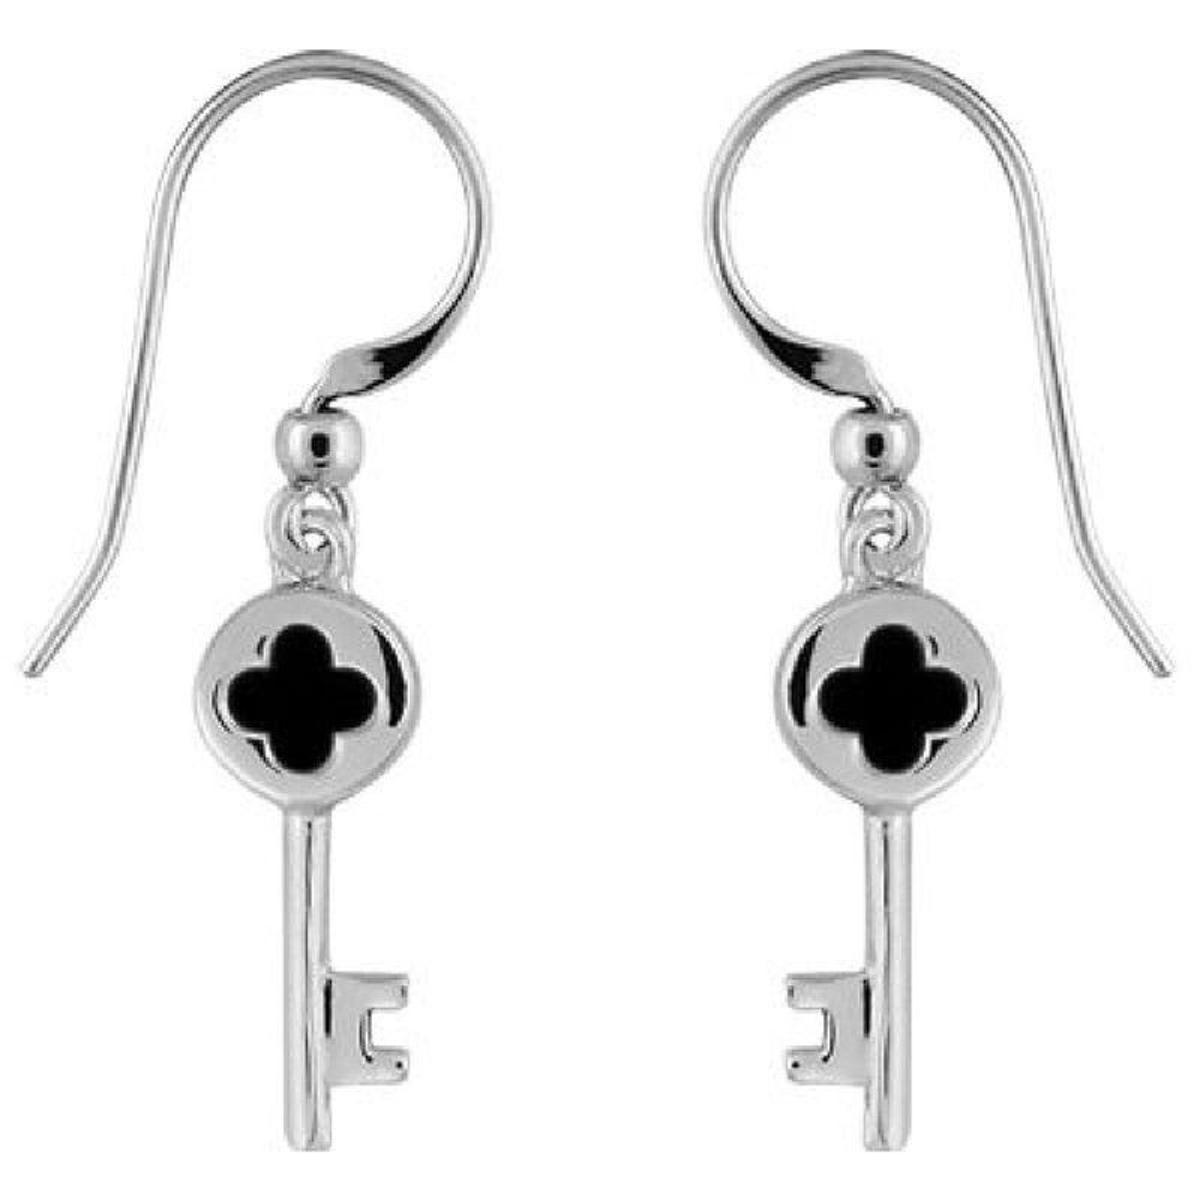 Boucles d'oreilles Pendant Joaillerie Clef Onyx Imitation Noir Sertissage Main Argent 925